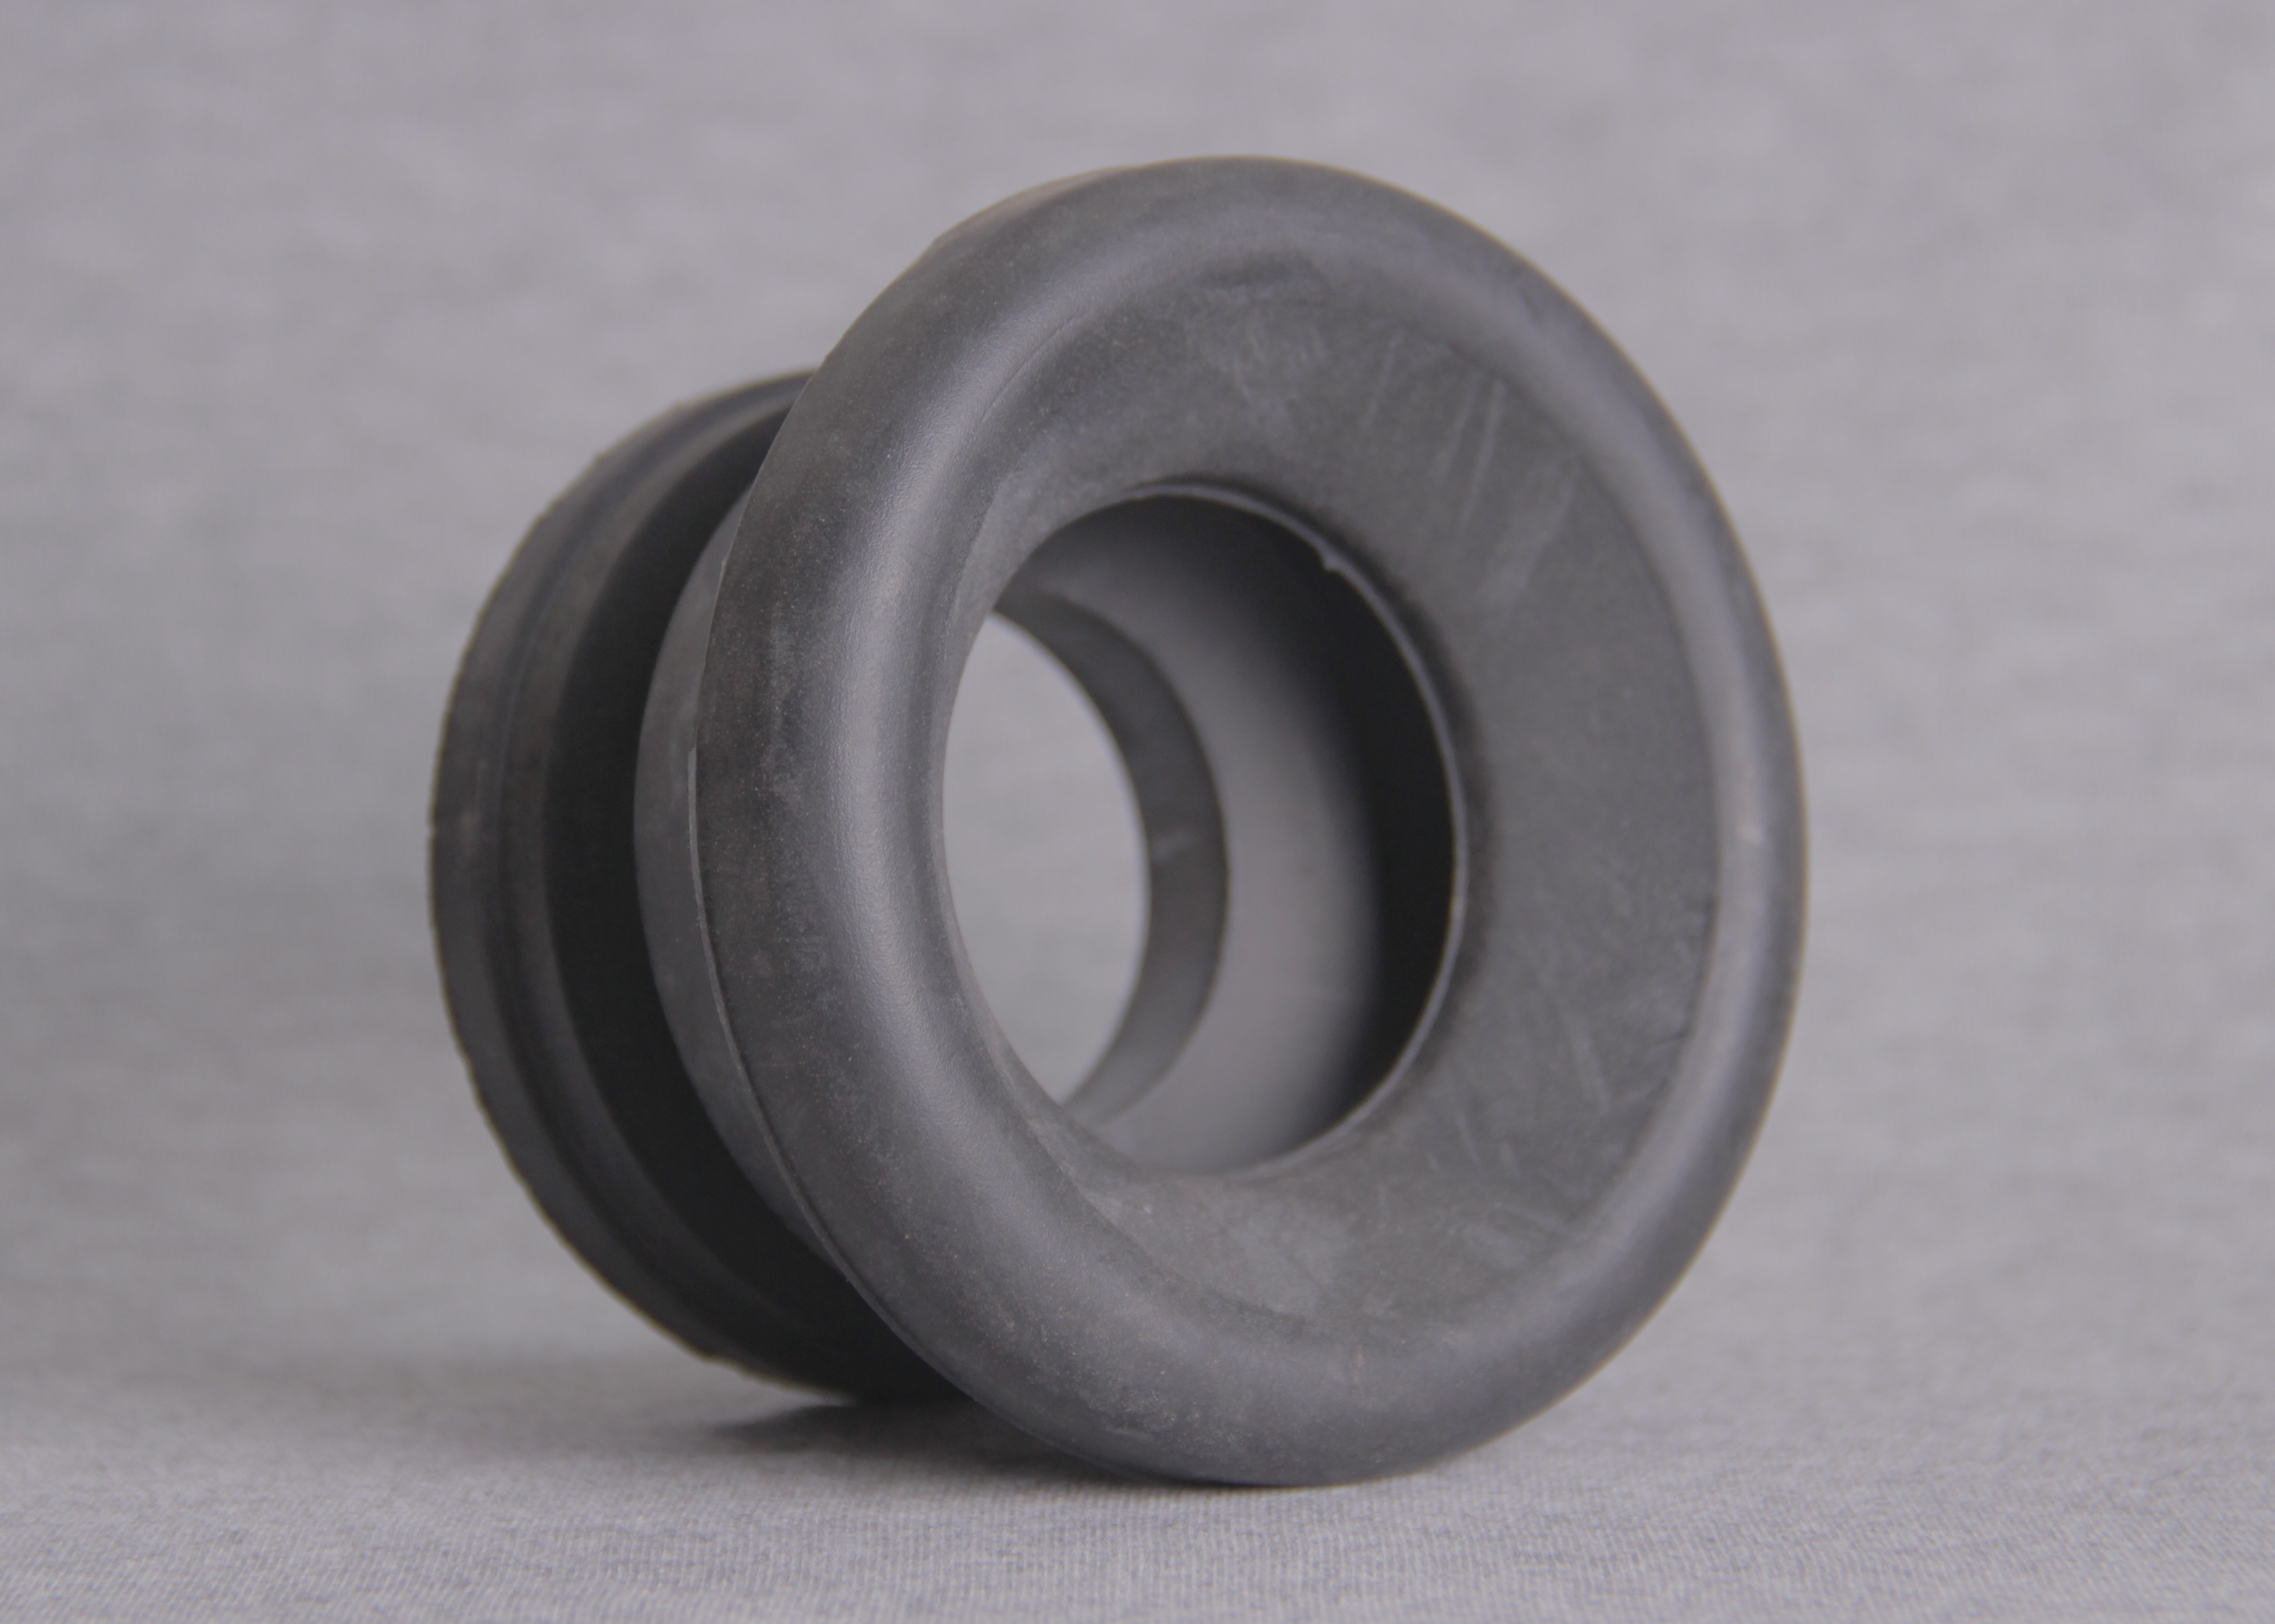 Gummikopling - Varenr. 451 / Evac 5779400 / VVS 614114451